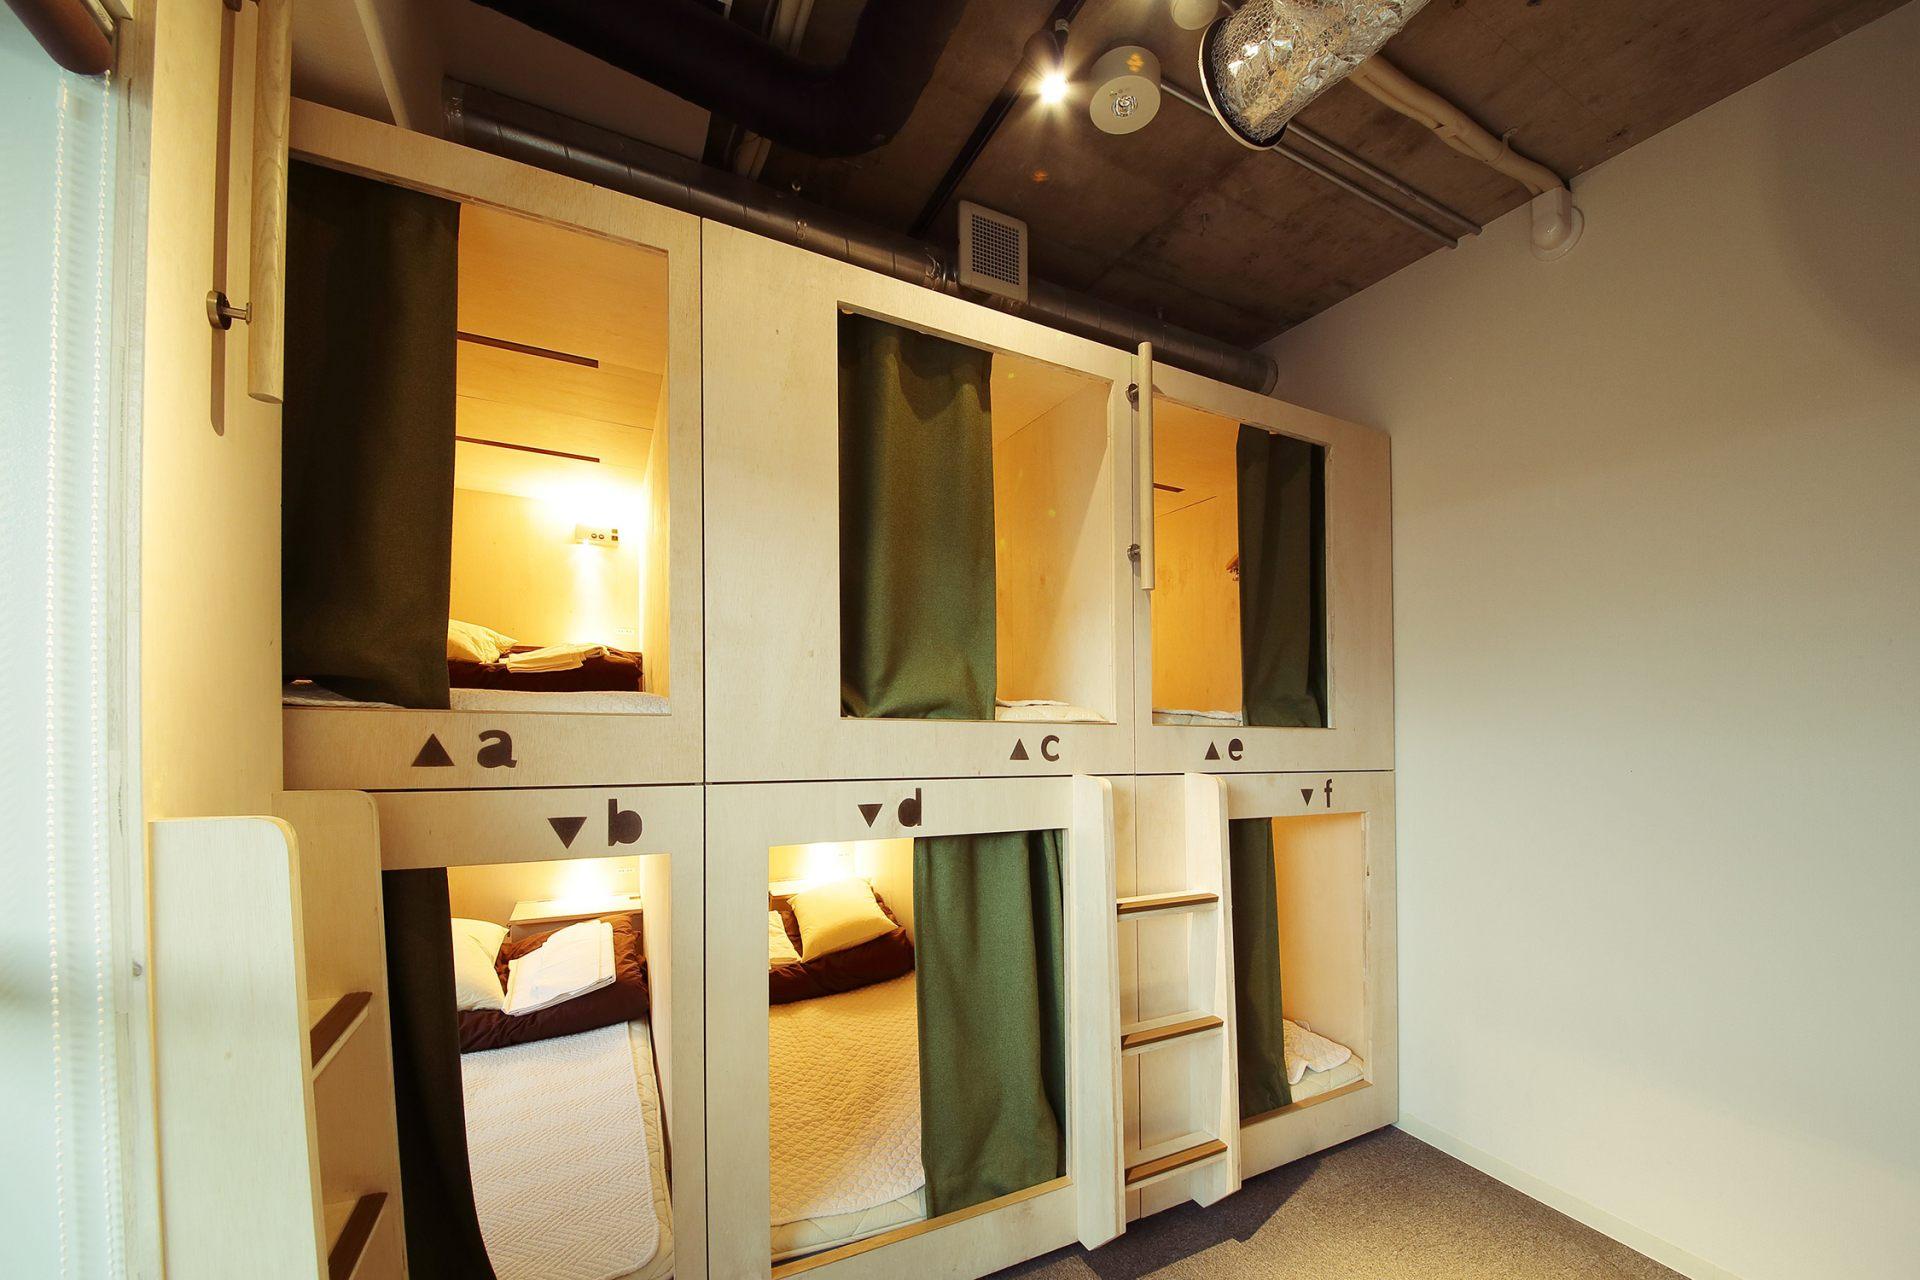 整潔乾淨的多人房。分別有女性專用客房和男女共有客房。